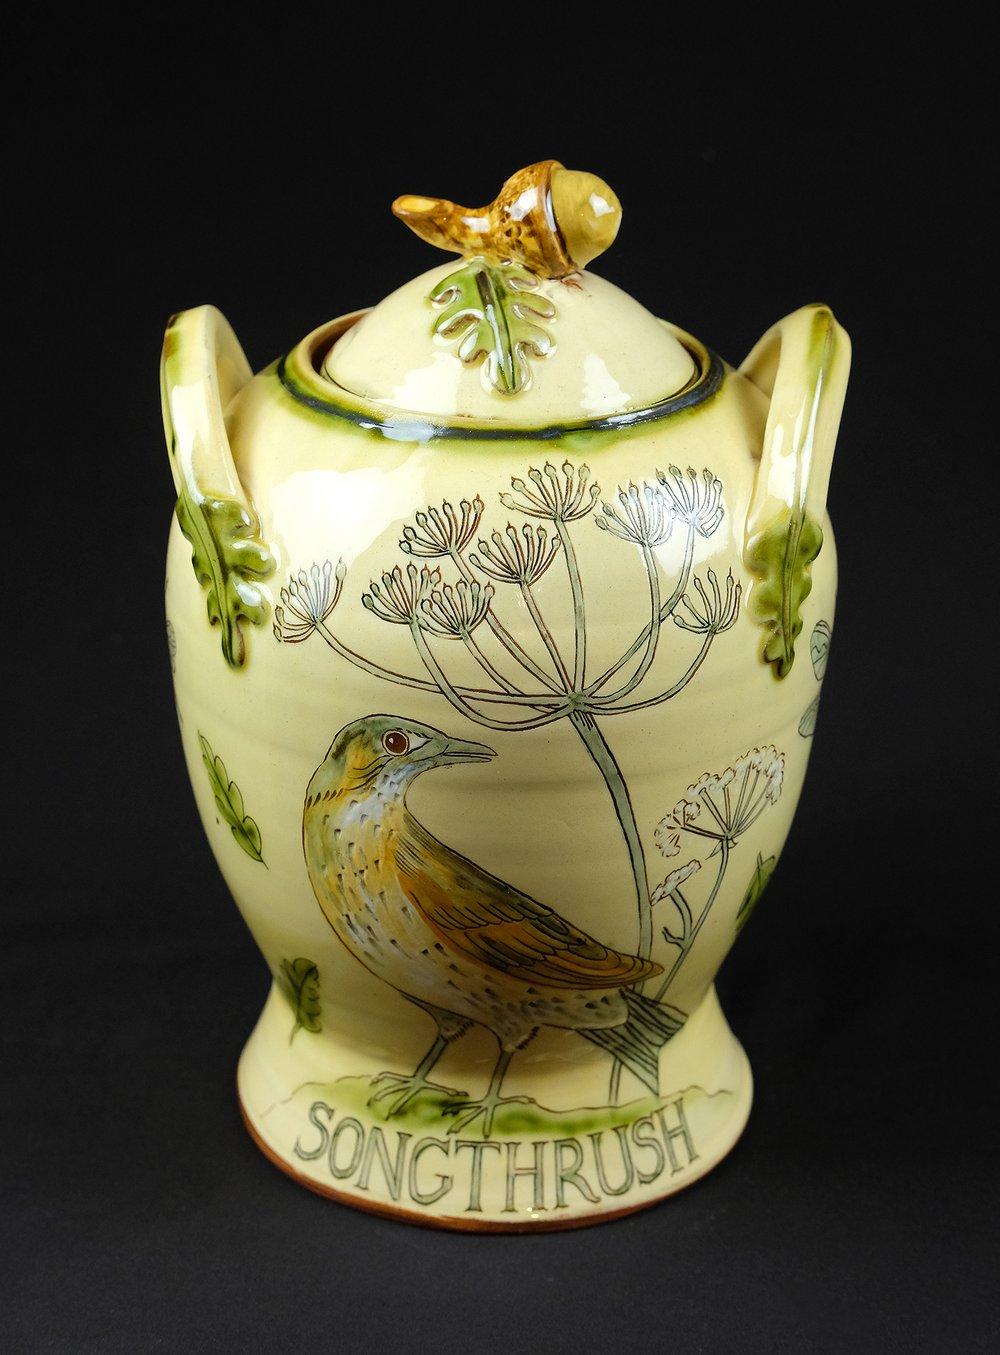 Image of MARGARET BRAMPTON 'SONG BIRD' TUREEN